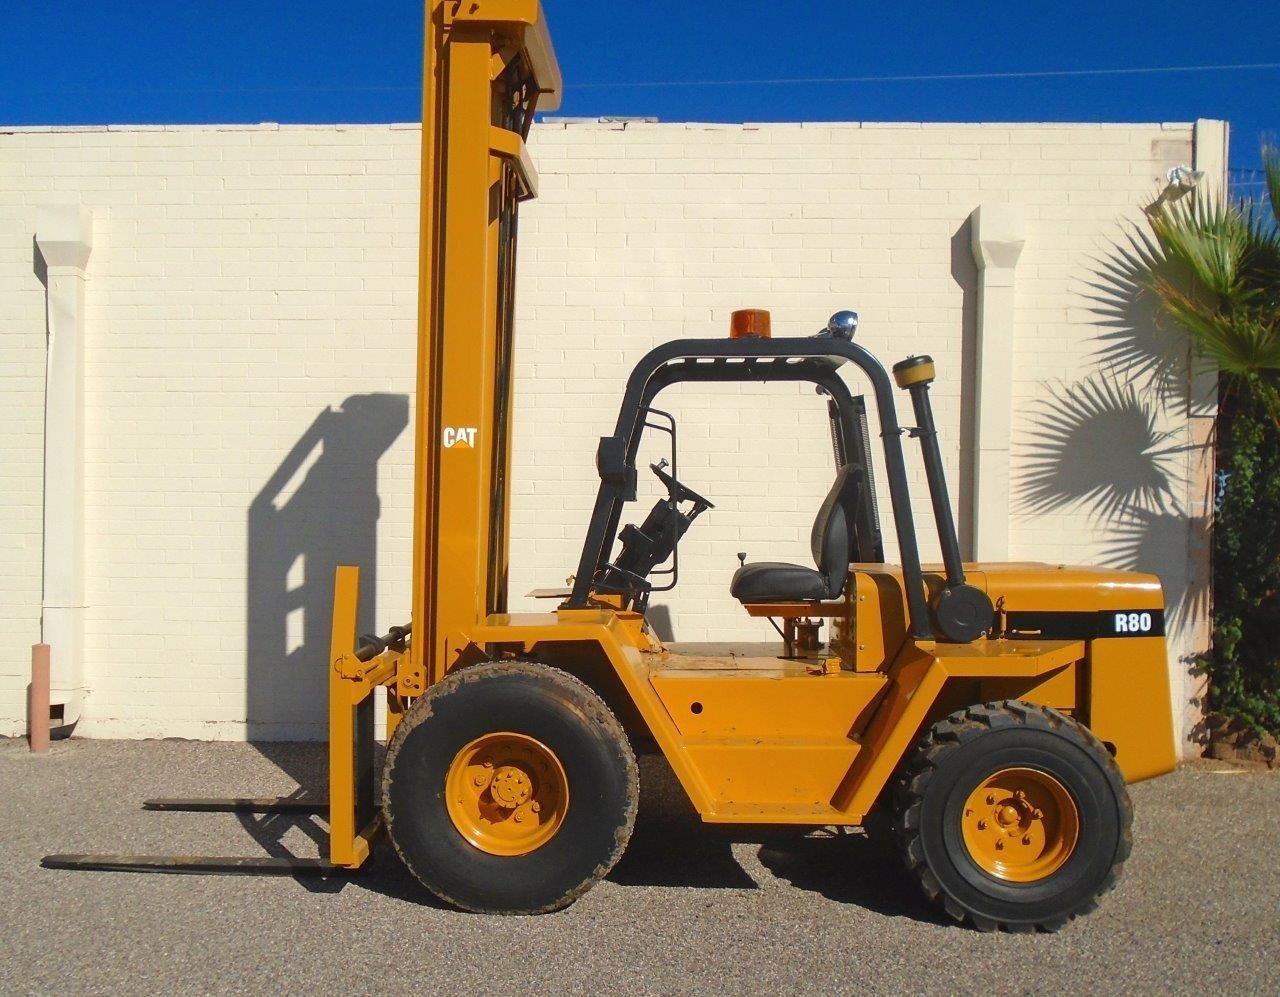 Caterpillar R80 Forklift